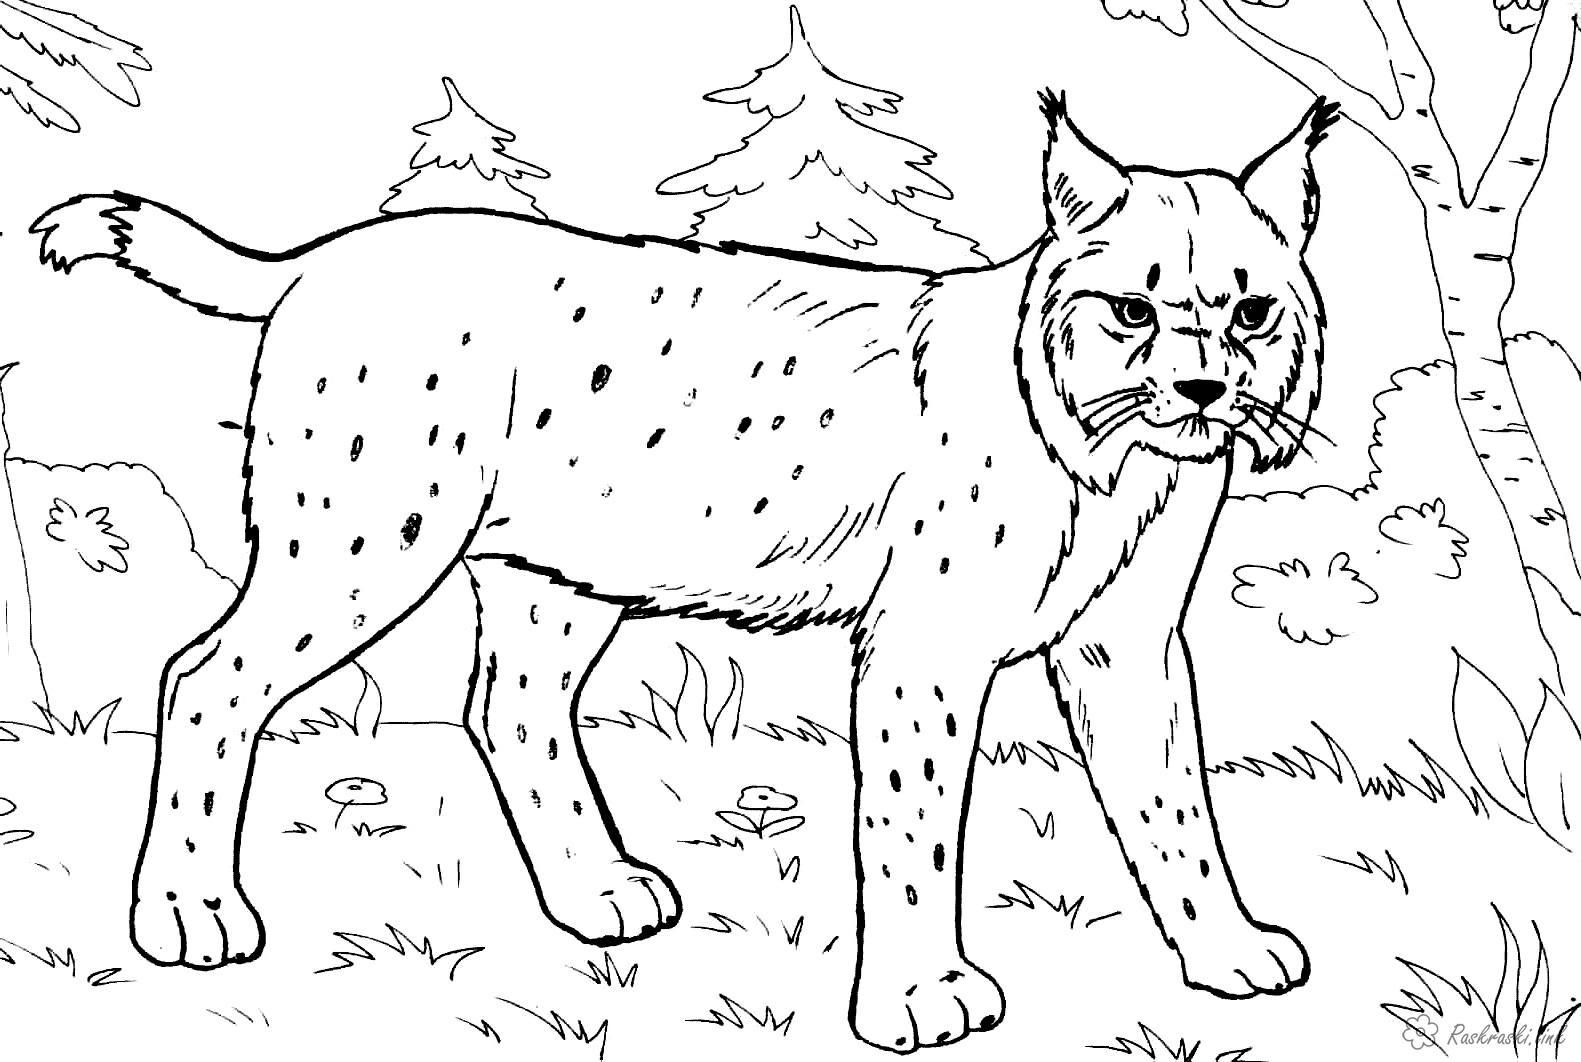 Розмальовки тлі Розмальовка тварини, дикі тварини, розфарбування рись, дика кішка, ліс, реалістична розфарбування, р...